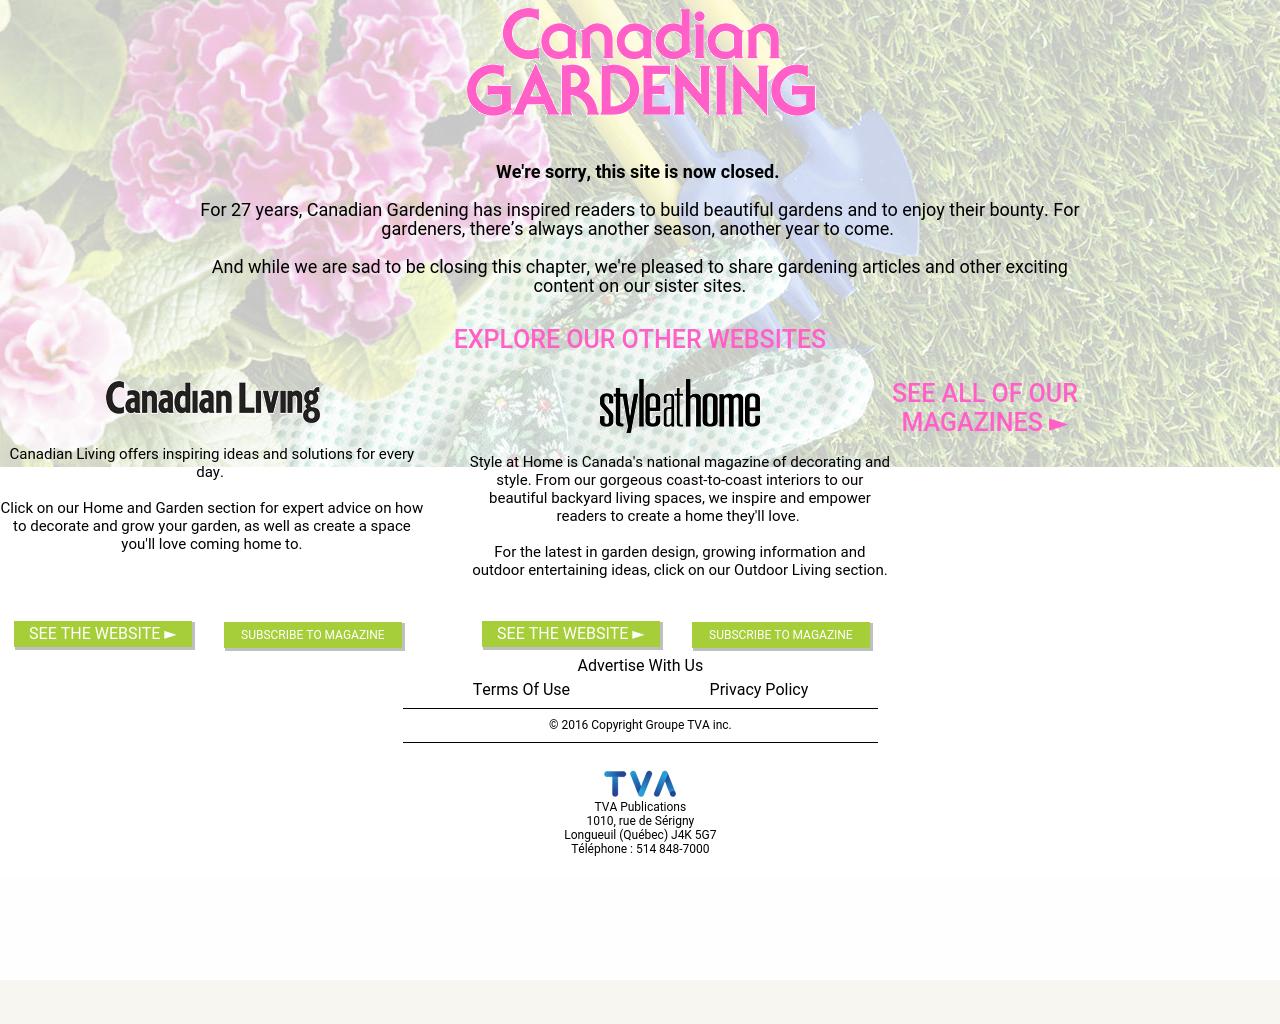 Canadian-Gardening-Advertising-Reviews-Pricing